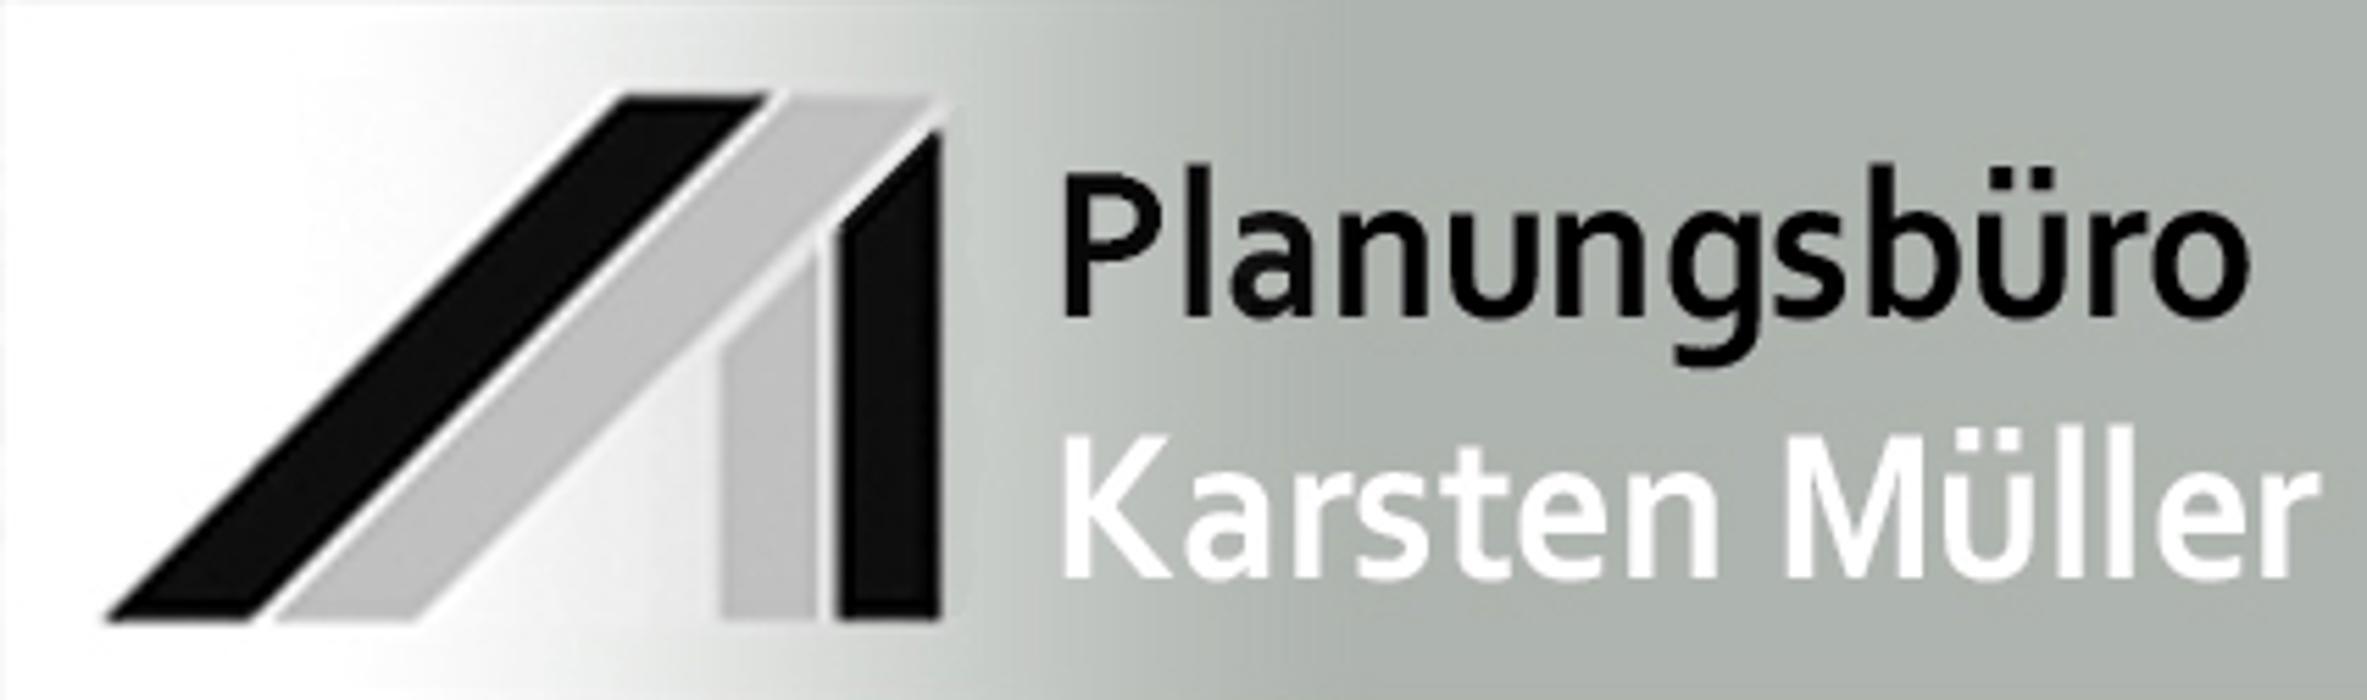 Bild zu Dipl.-Ing. Karsten Müller Planungsbüro in Fürstenwalde an der Spree